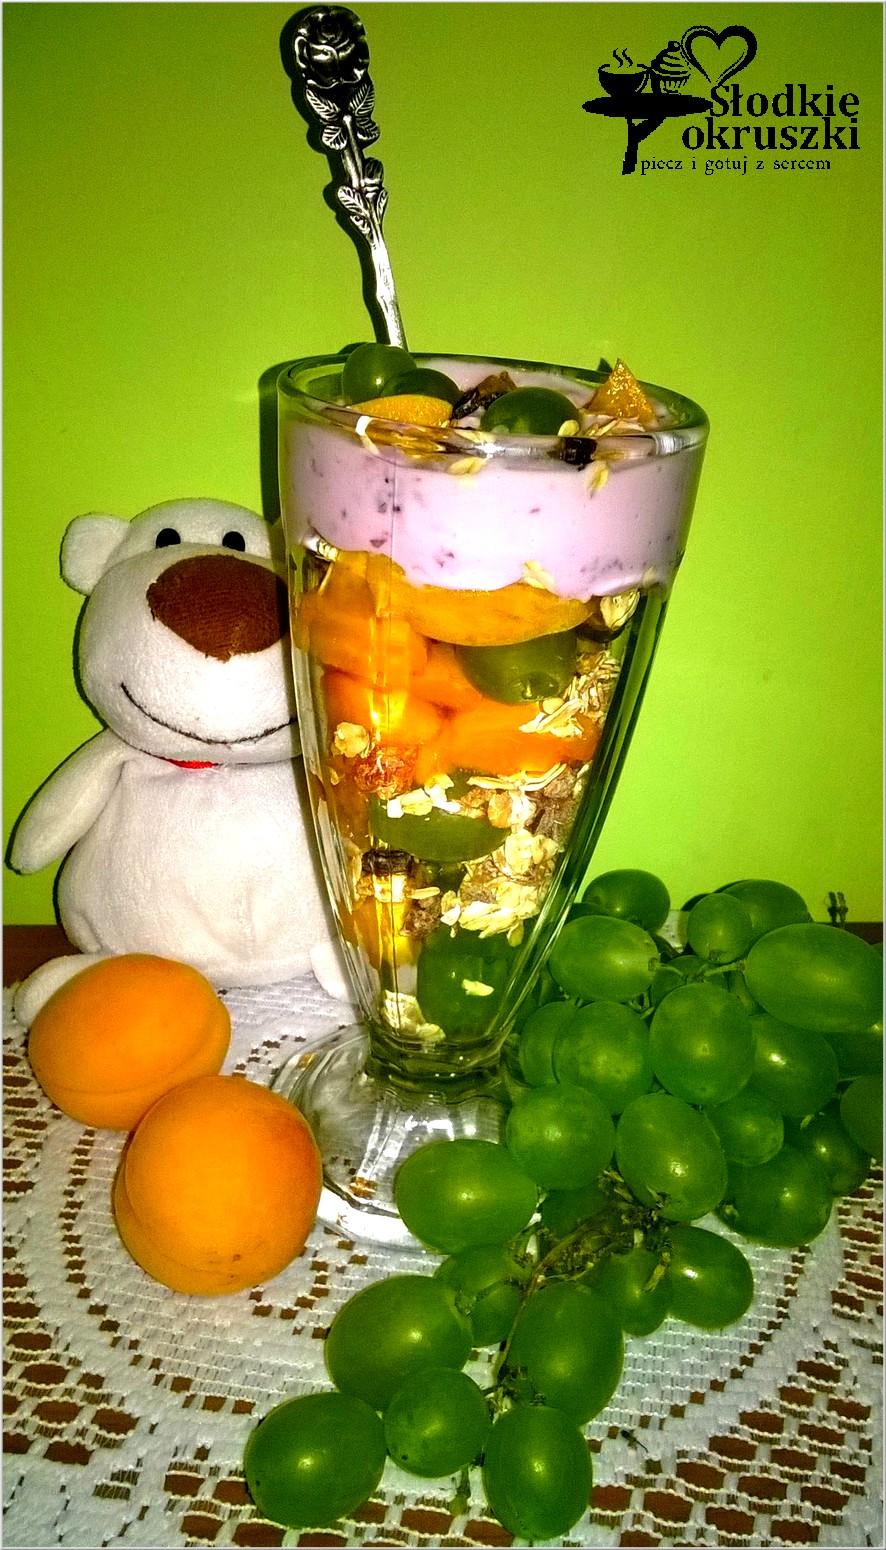 Porcja zdrowia i owoców na śniadanie